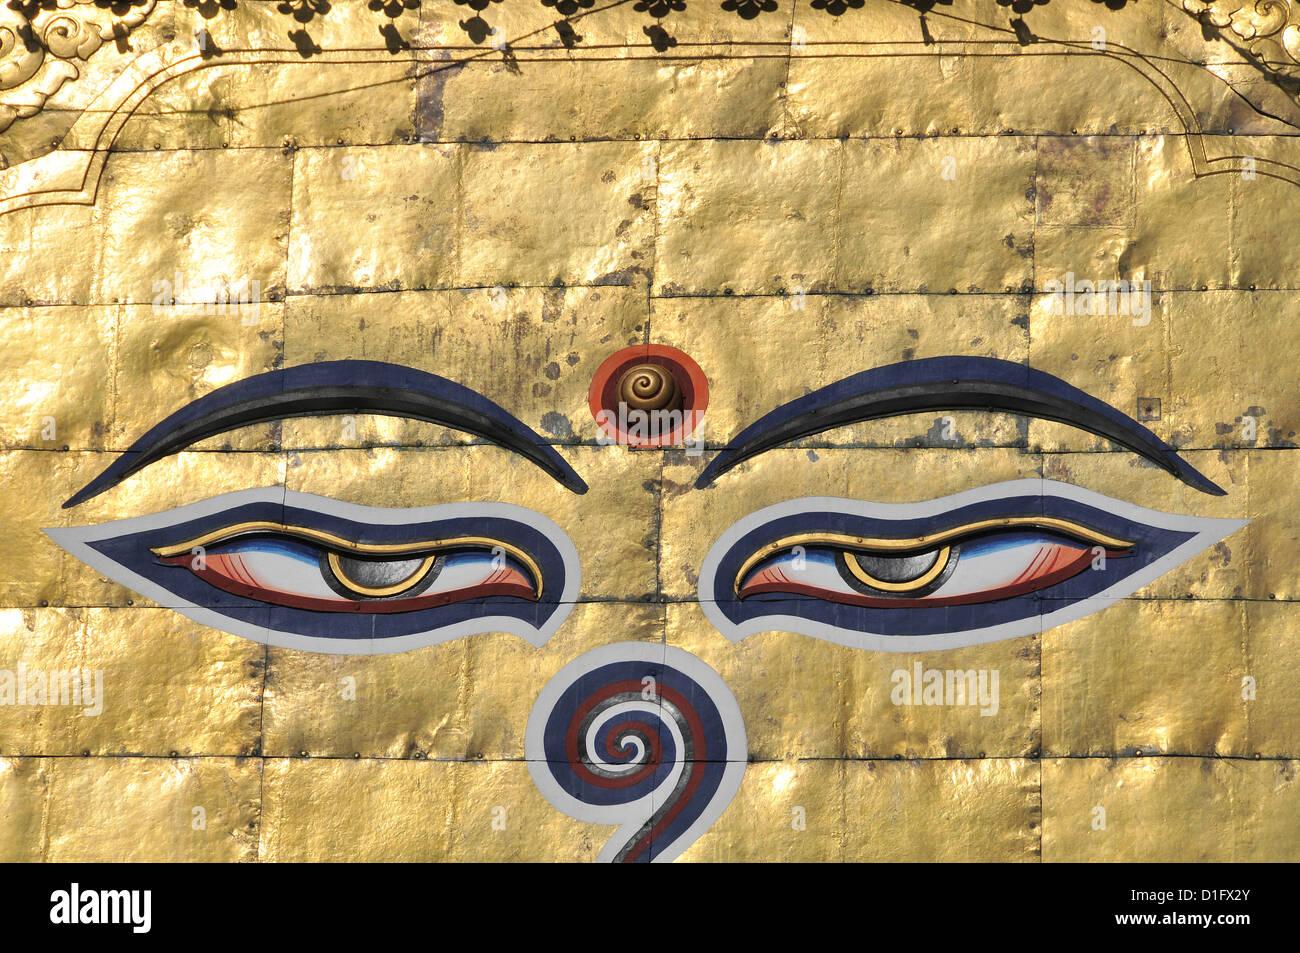 stupa eyes of buddha Swayambunath temple Kathmandu Nepal - Stock Image